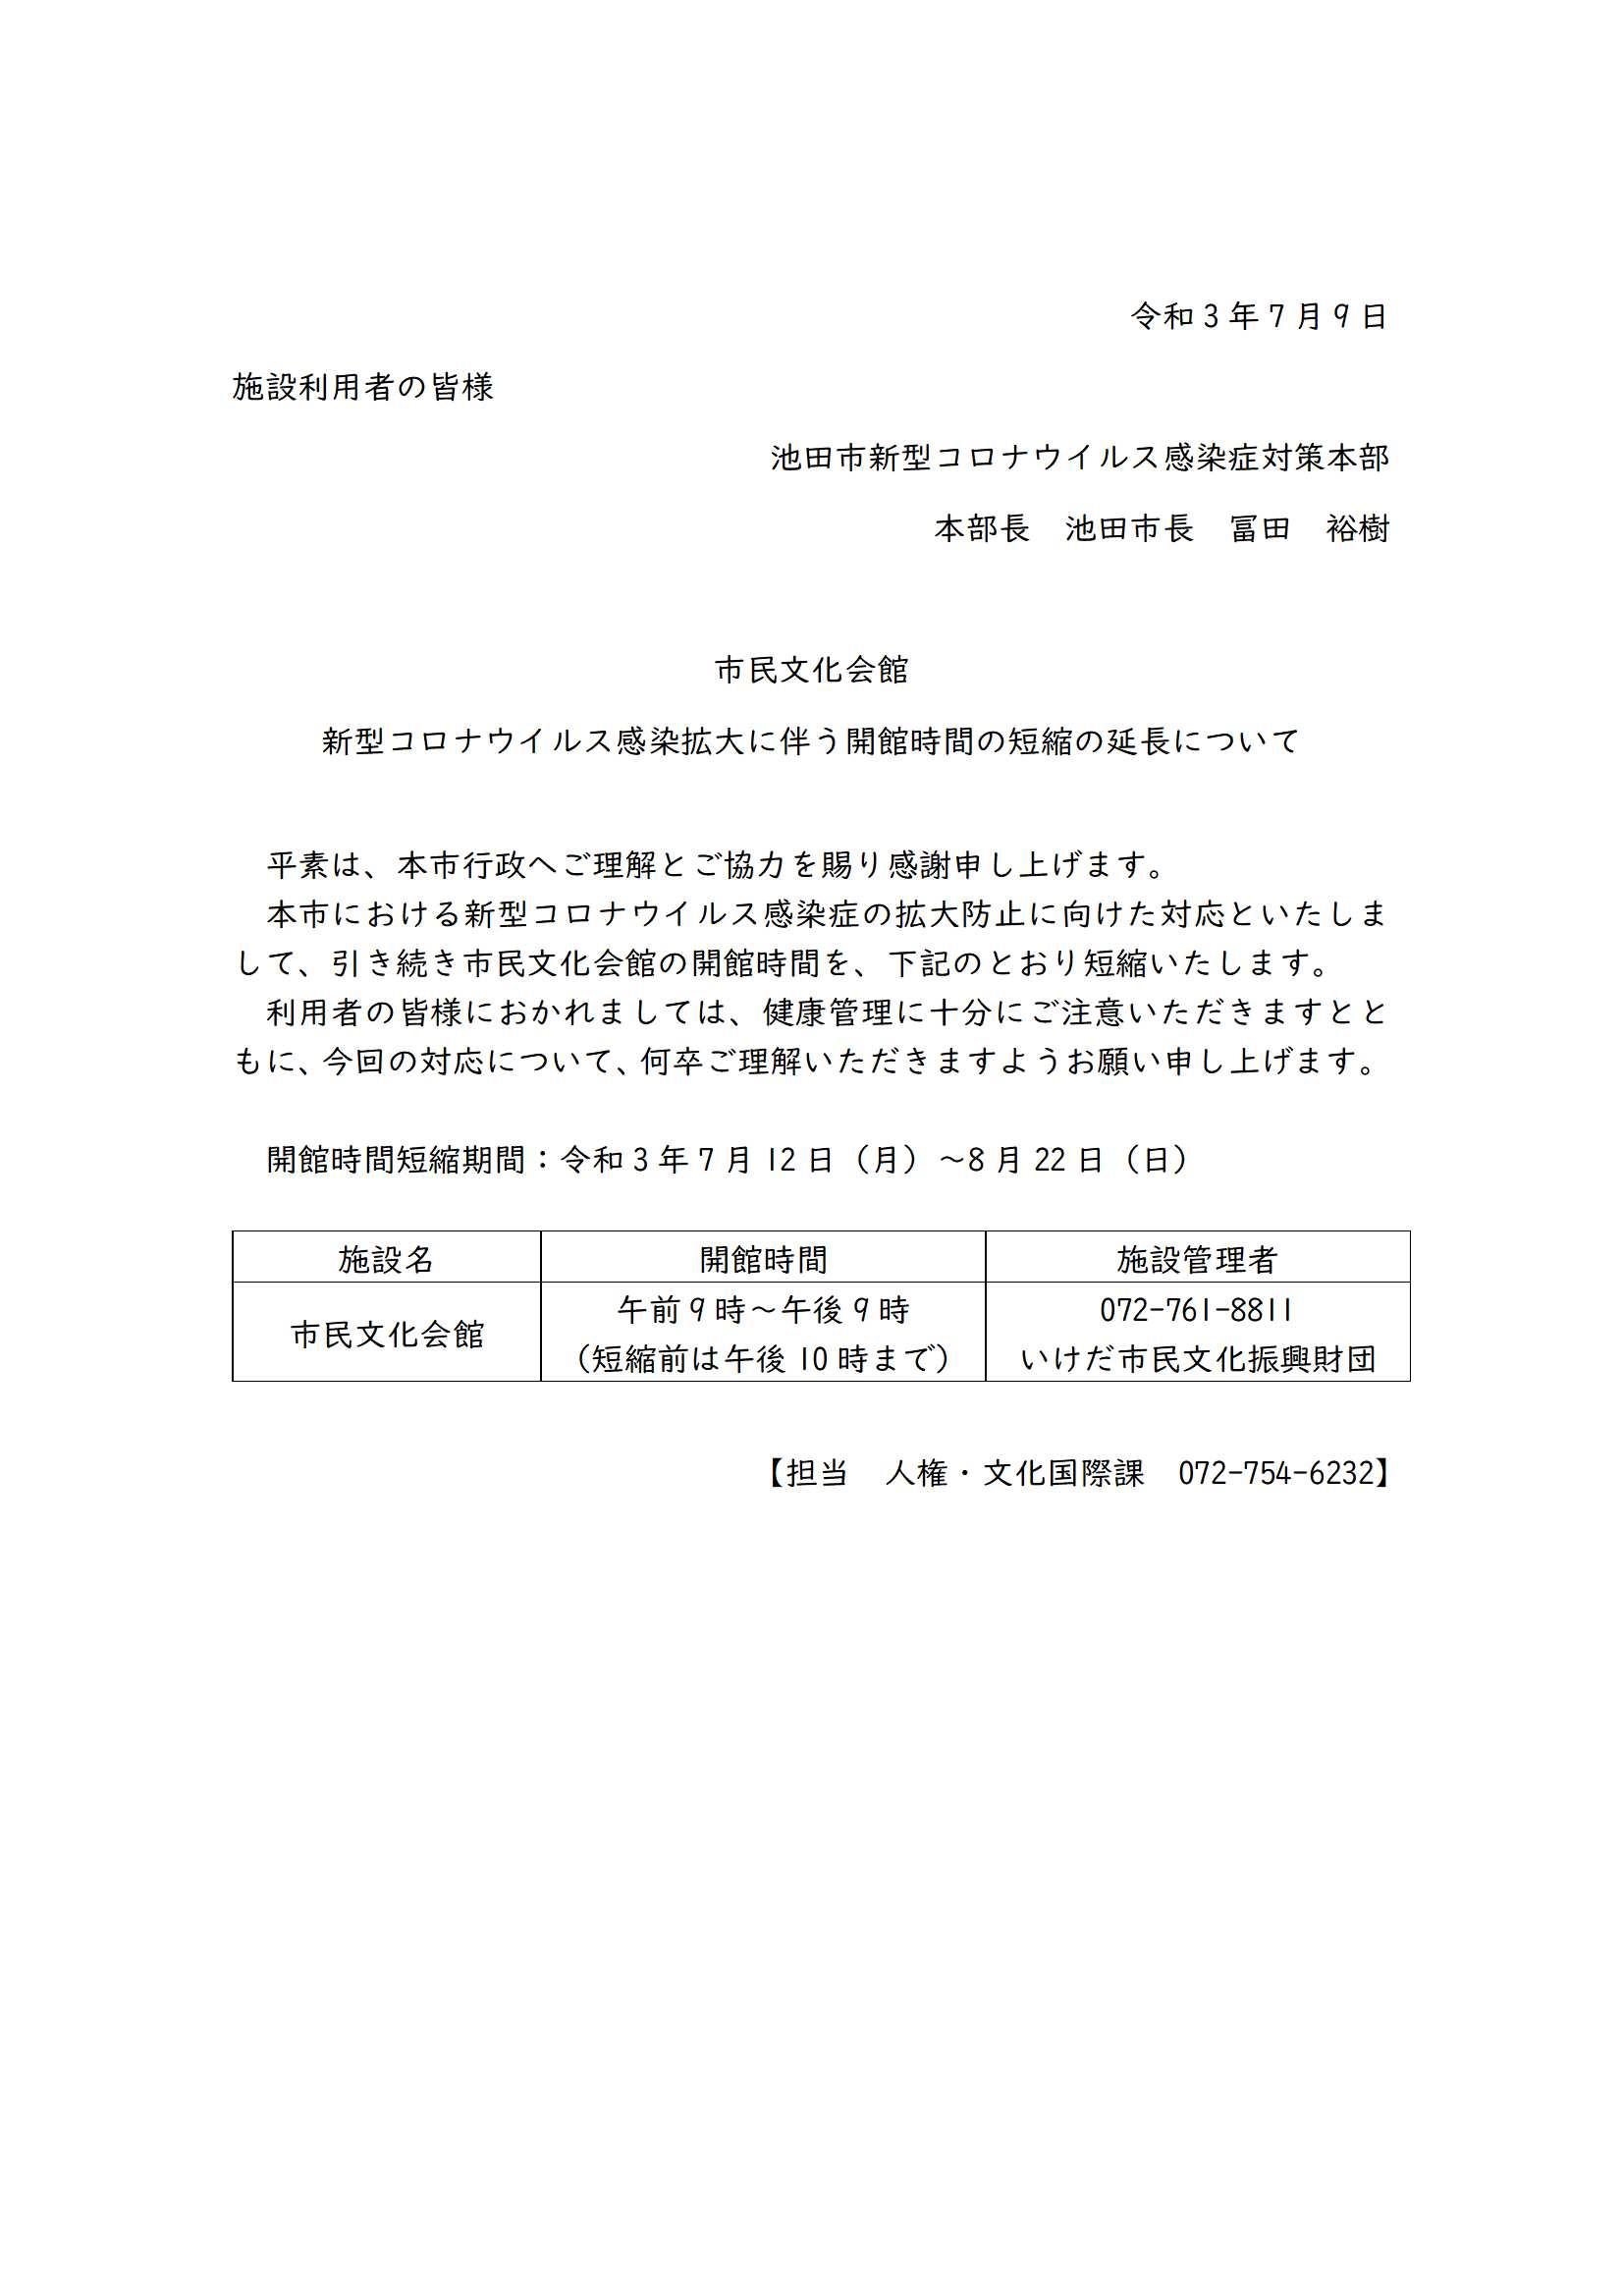 ウイルス 池田 市 コロナ 新型コロナウイルス感染症について/北海道池田町